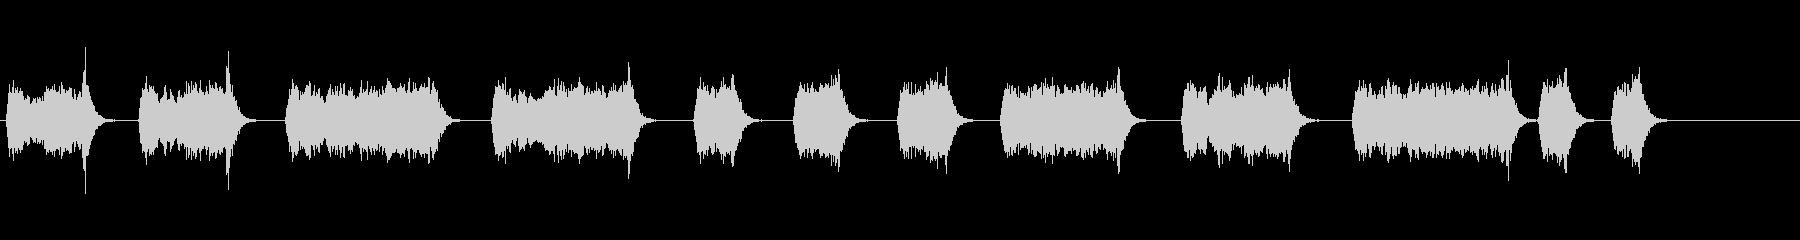 エアドリル;ショートとロングの噴出...の未再生の波形